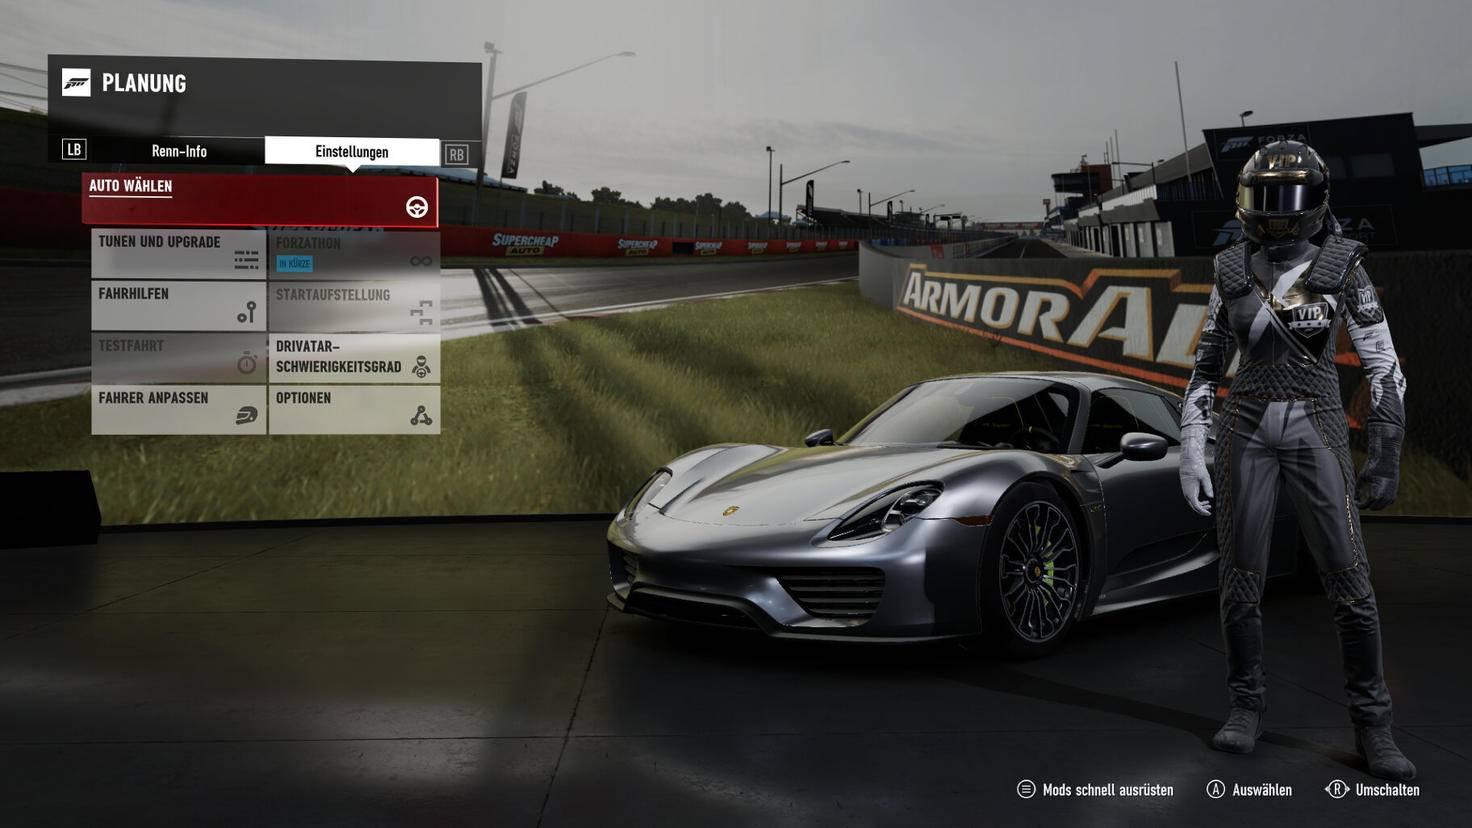 Je nach Beschränkung können wir vor jedem Rennen unser Auto auswählen.